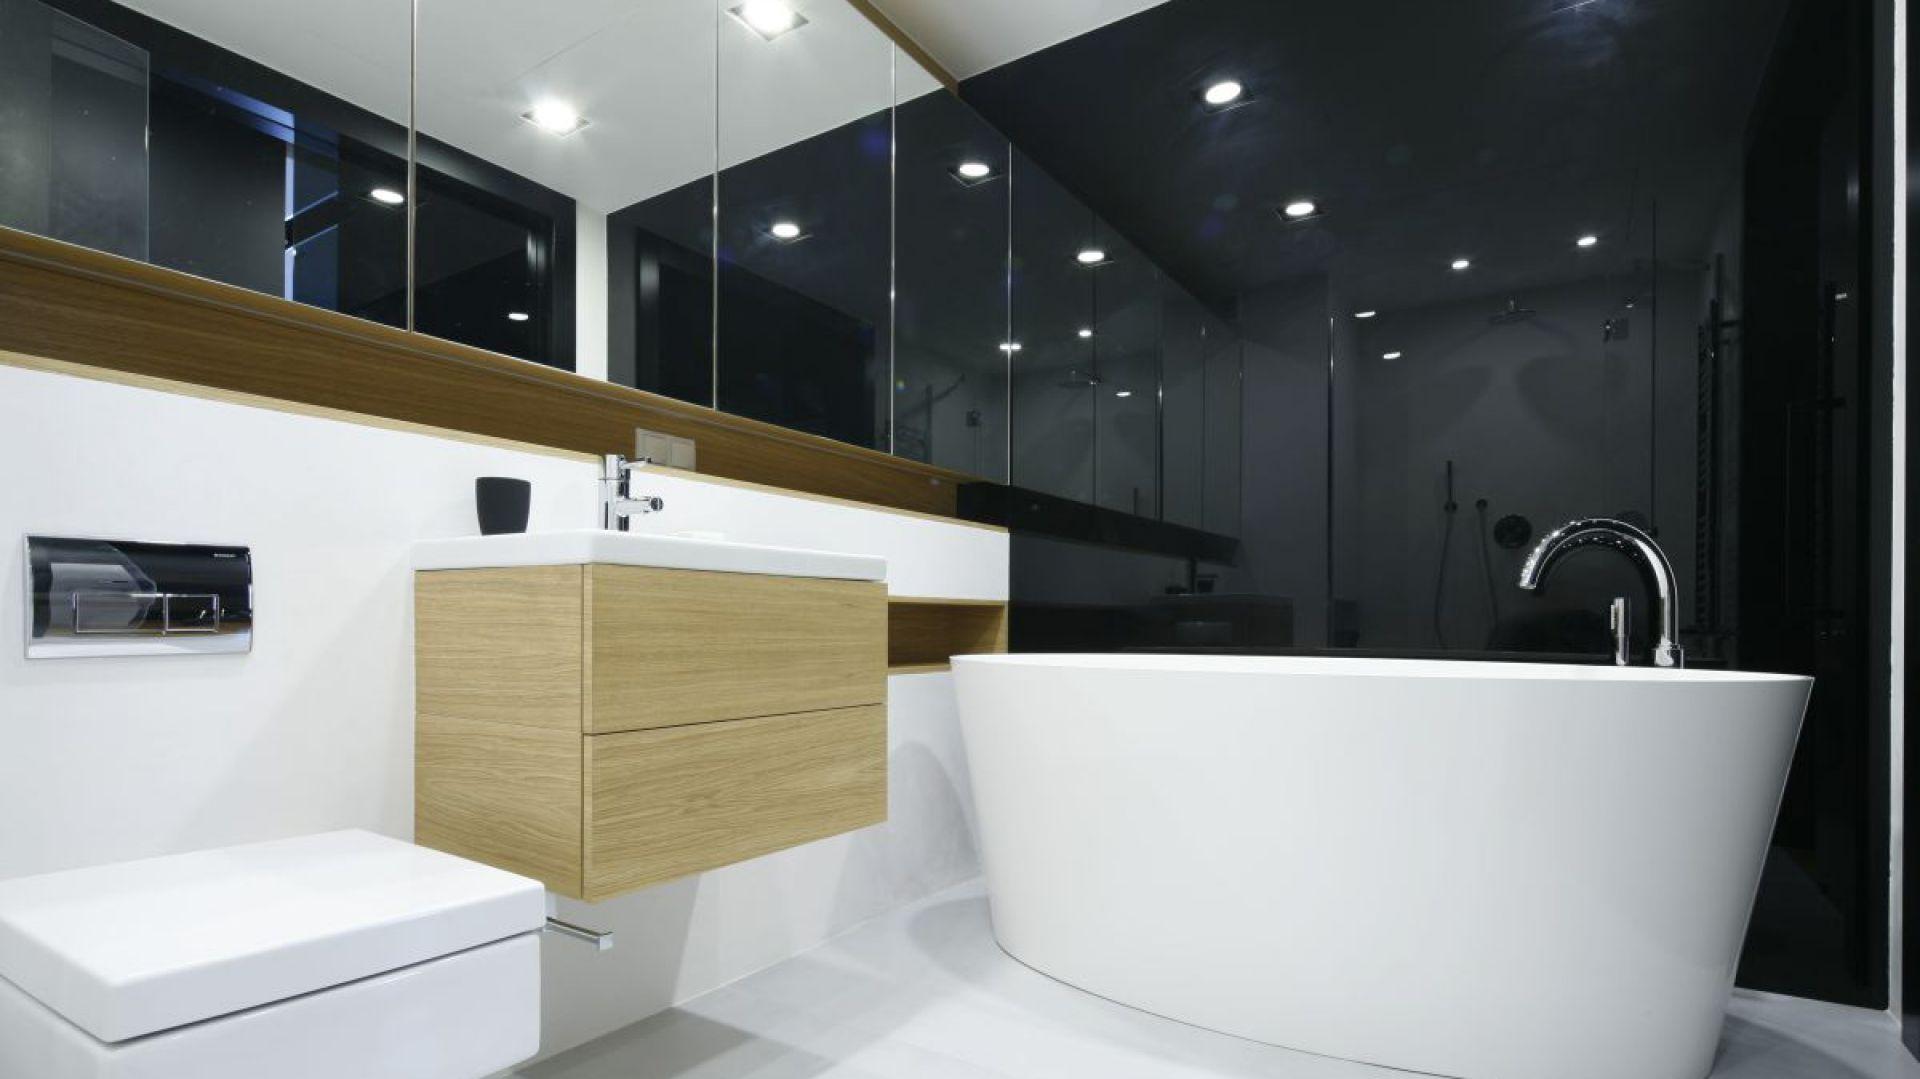 Aranżacja łazienki: praktyczne i piękne rozwiązania. Projekt: Monika i Adam Bronikowscy. Fot. Bartosz Jarosz